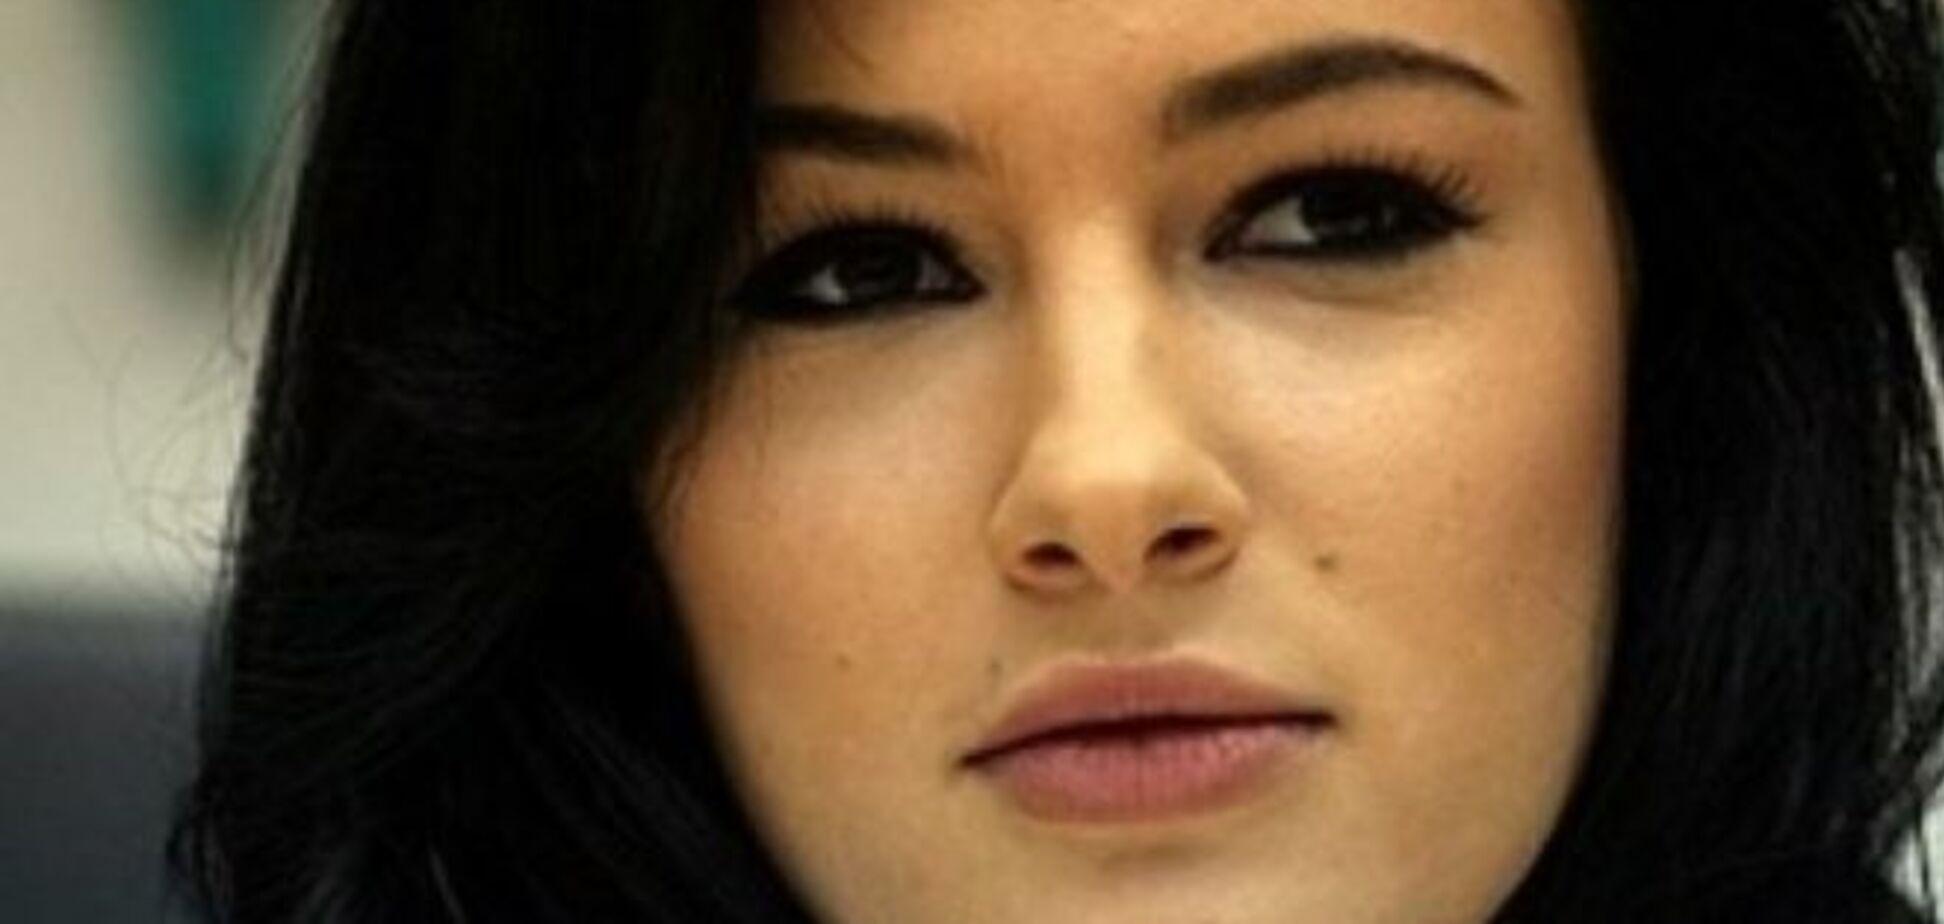 Не тем местом думает: Анастасия Приходько осудила Гаврилюка за позицию по проституции